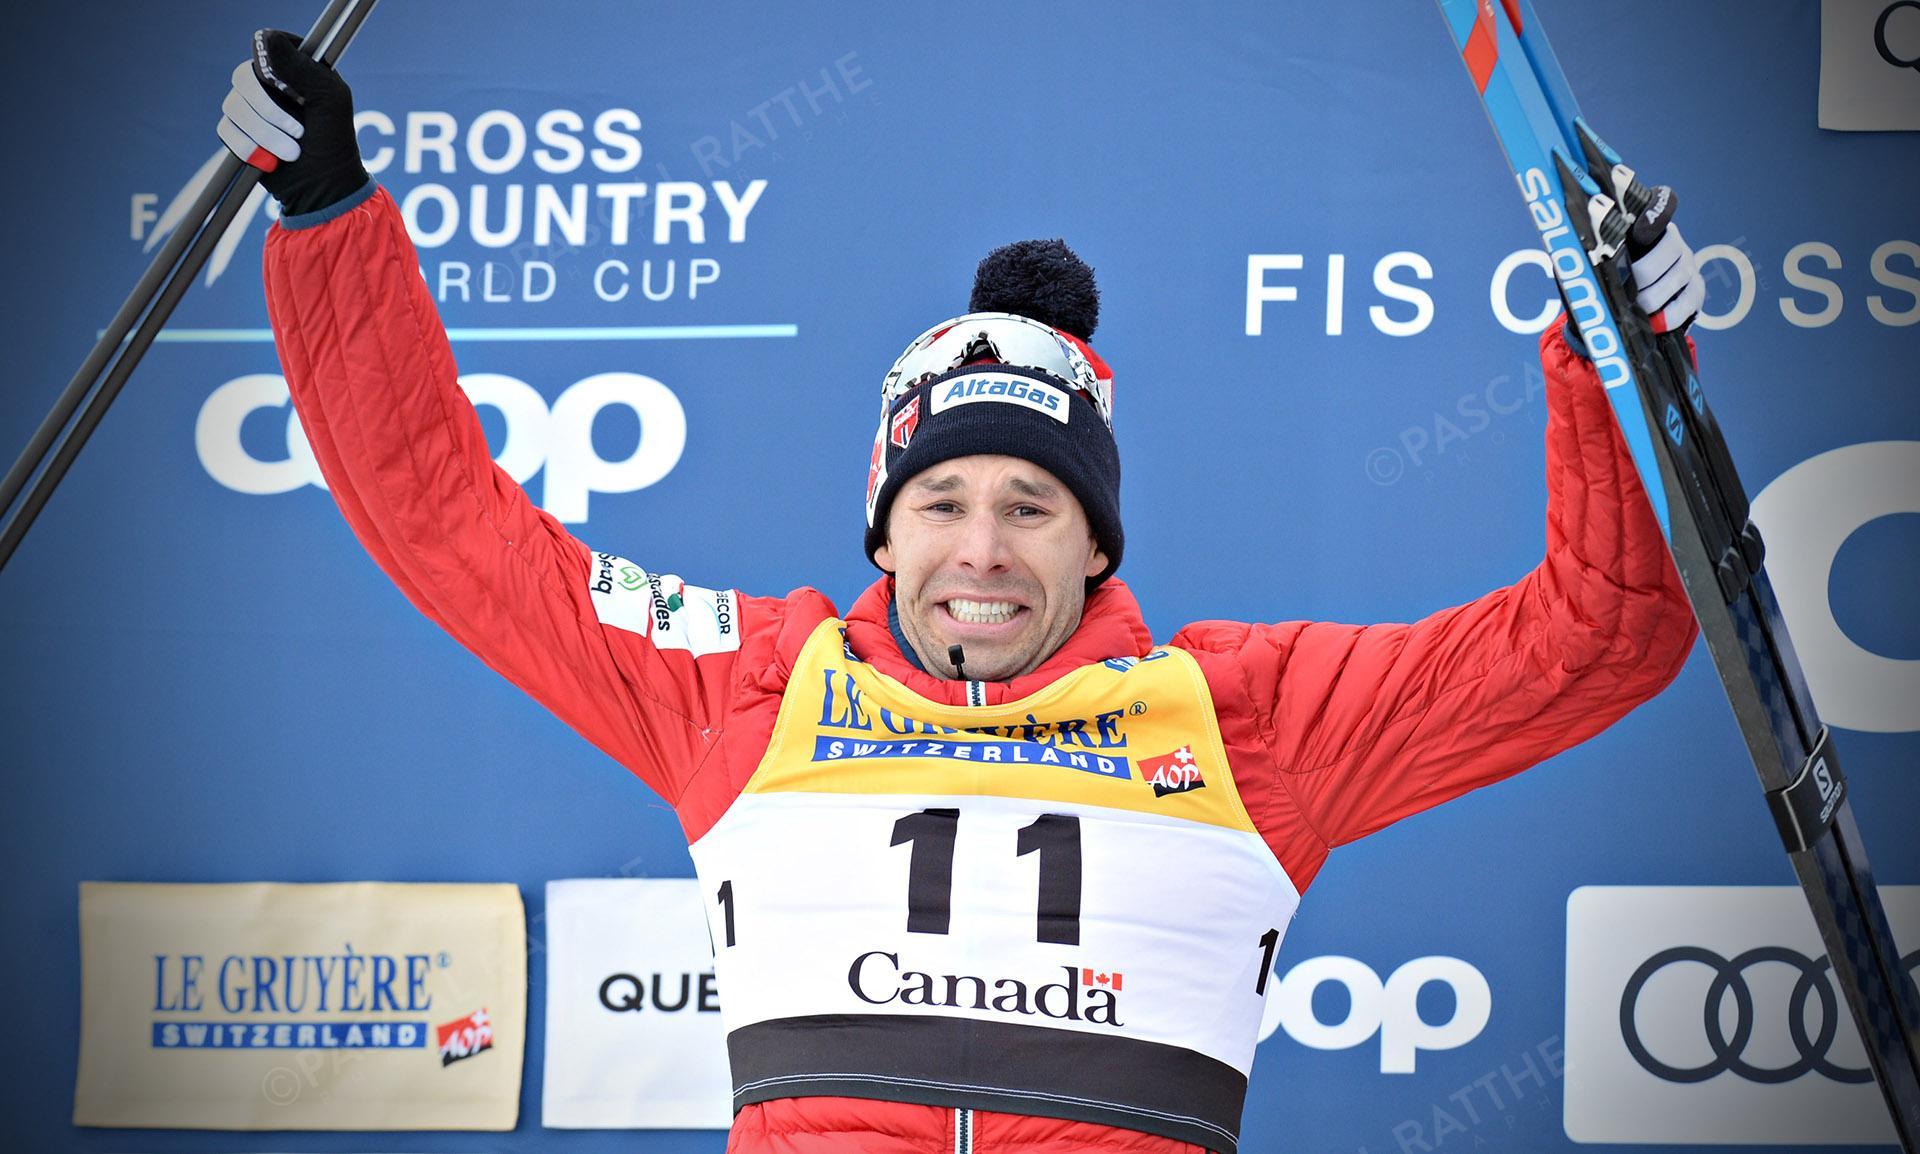 La finale de ski de fond à Québec, Alex Harvey termine en 2e position au style classique départ de masse